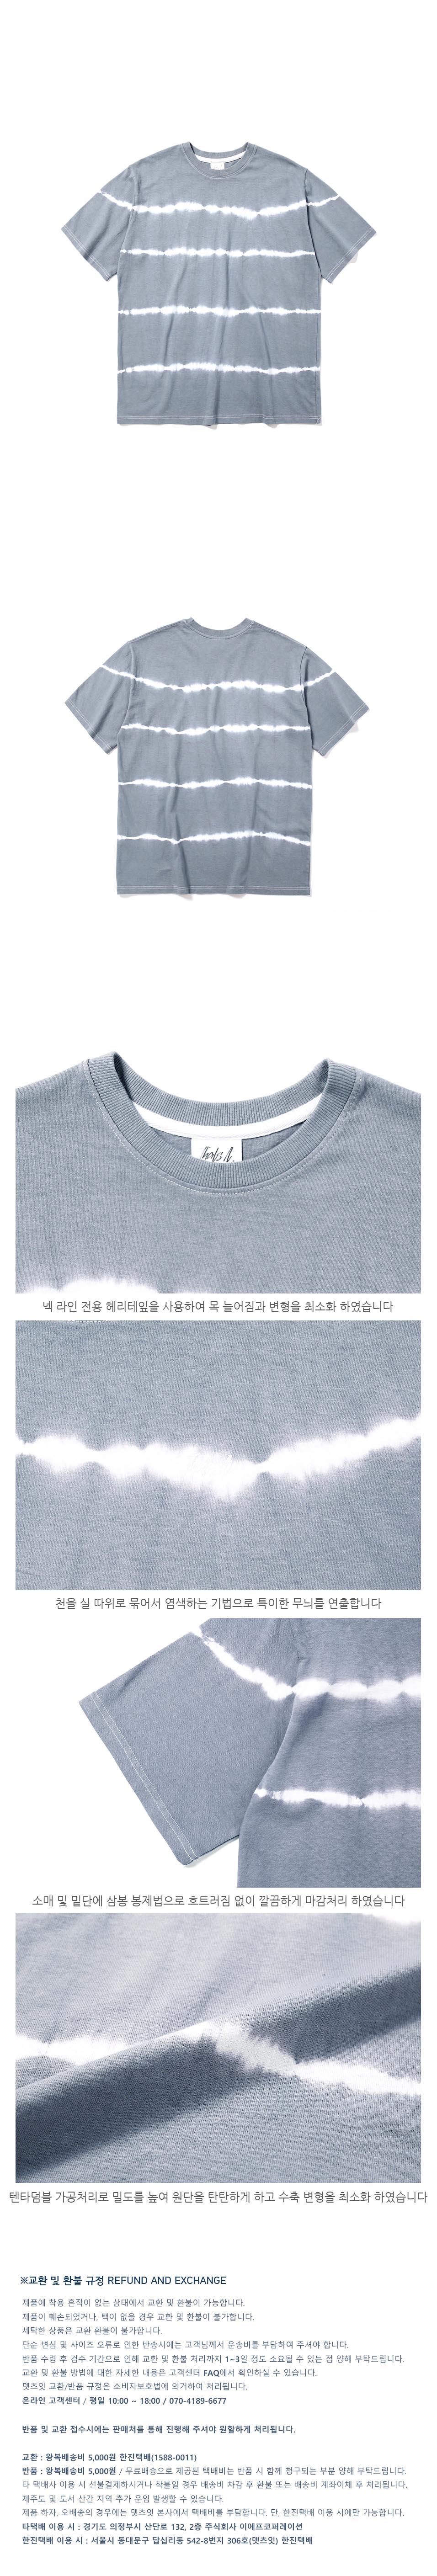 스트라이프 타이다이 티셔츠_챠콜